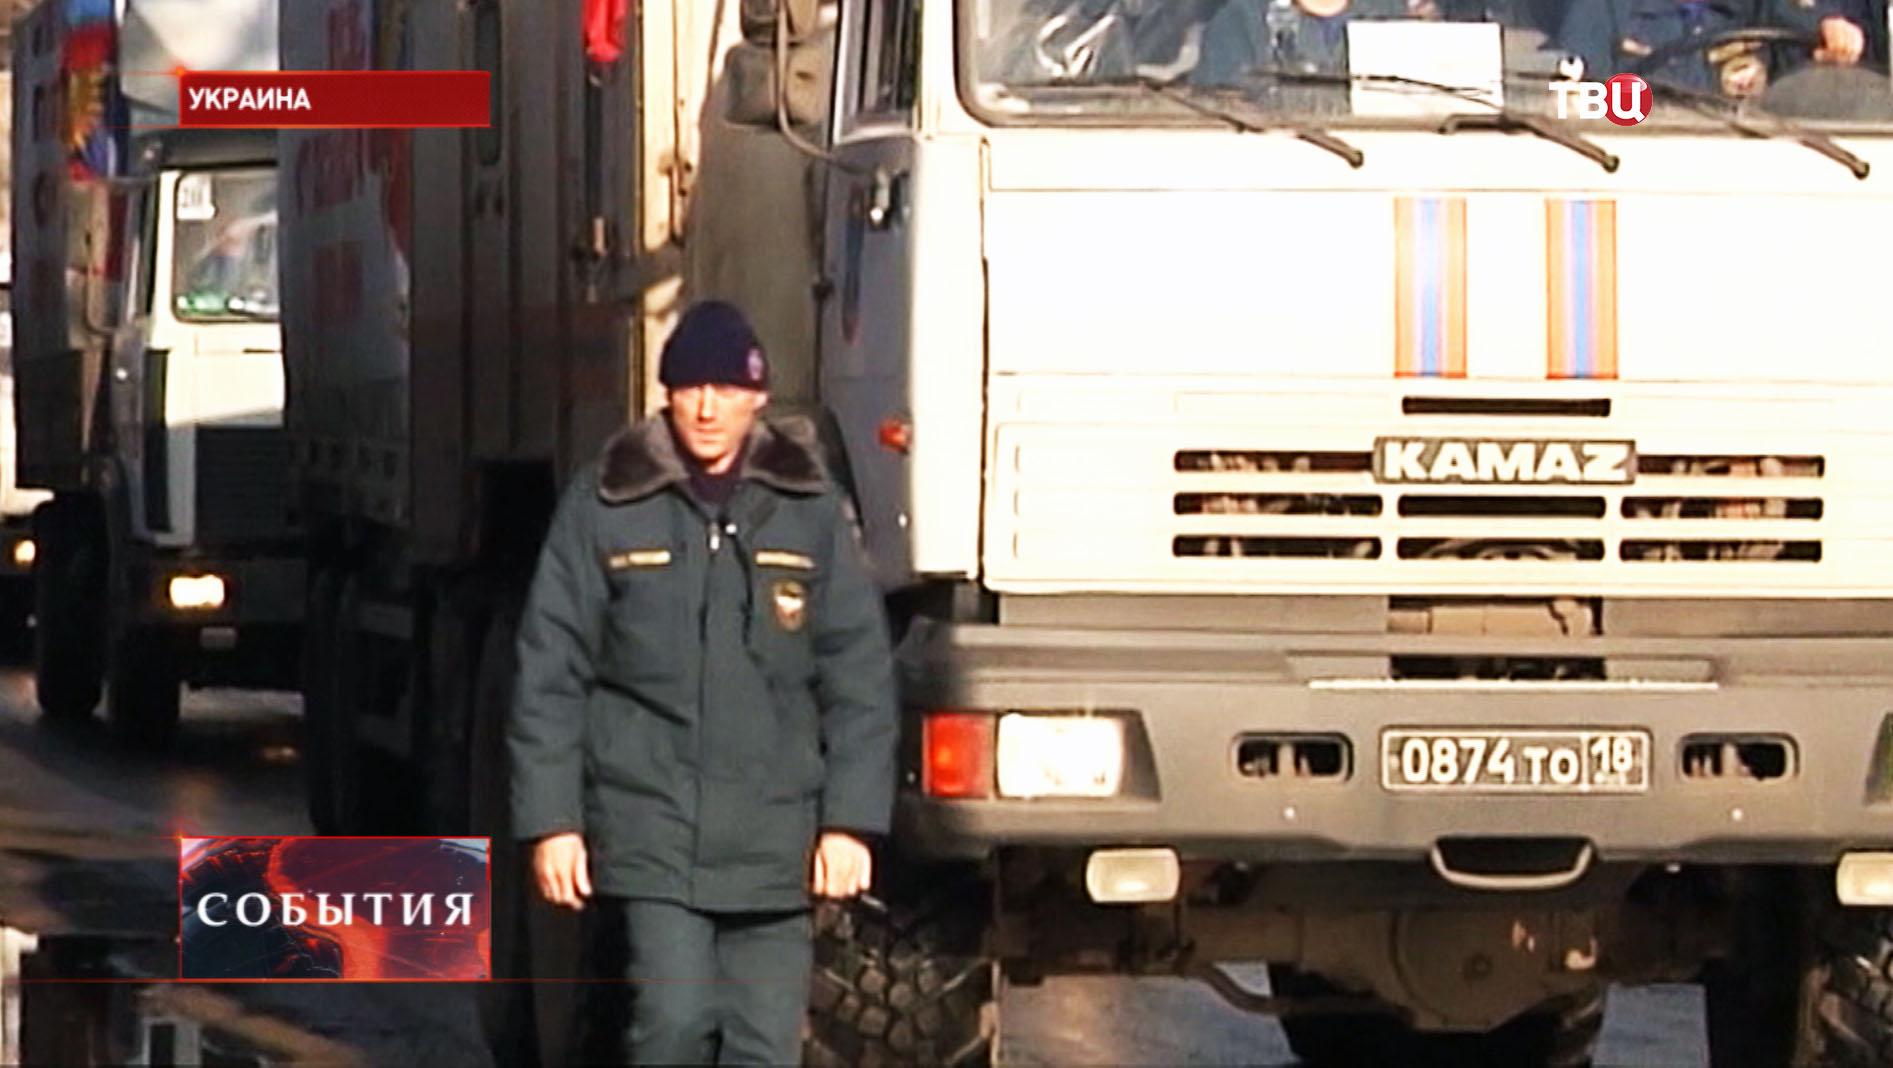 Гуманитарный конвой для жителей юго-востока Украины